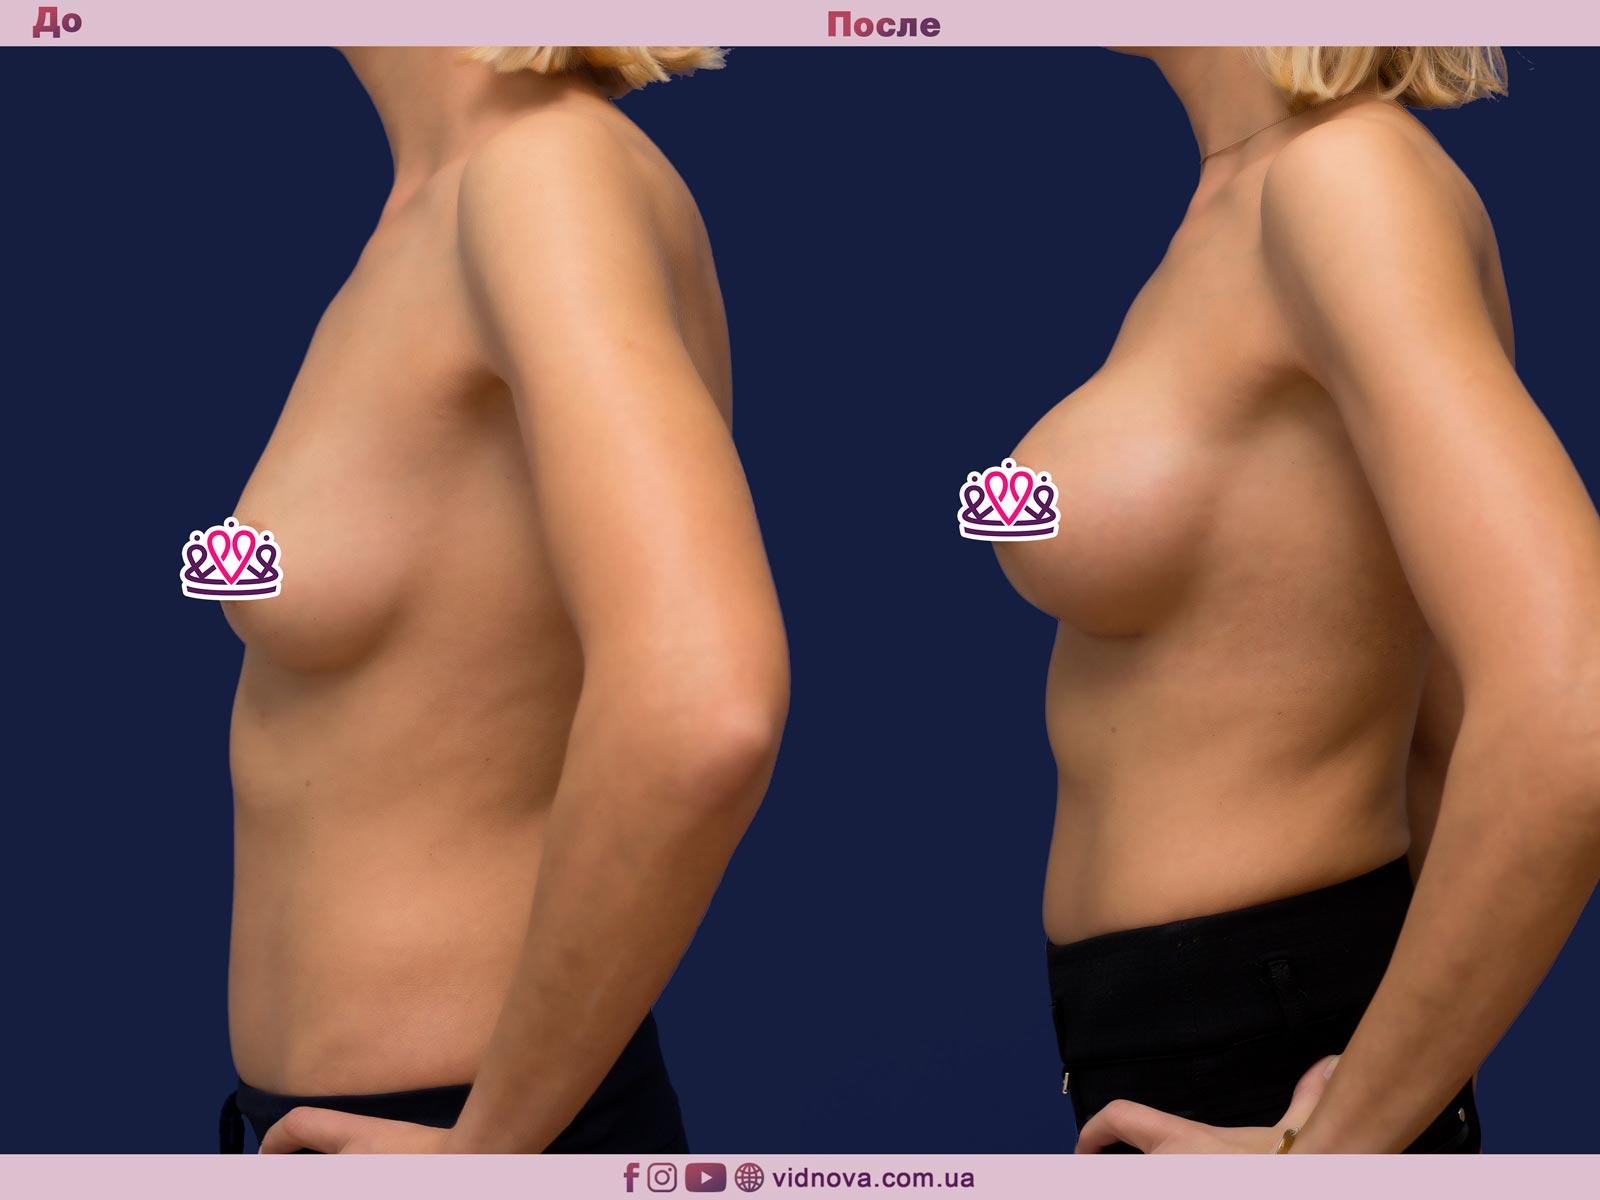 Пластика груди: результаты до и после - Пример №17-2 - Светлана Работенко